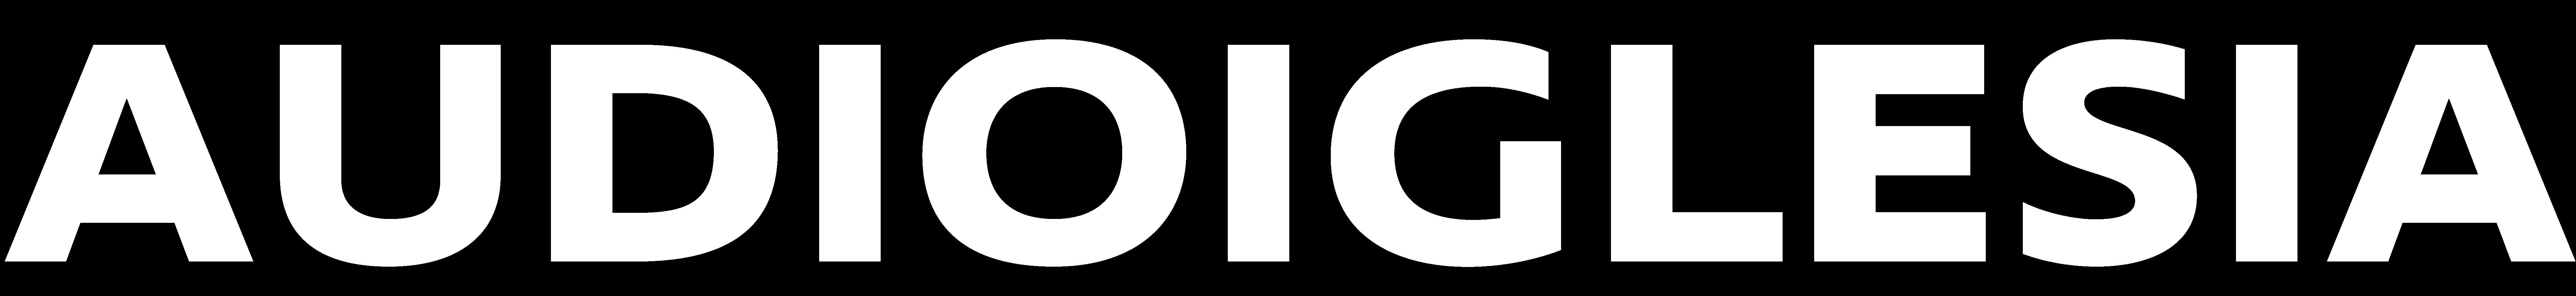 AUDIOIGLESIA